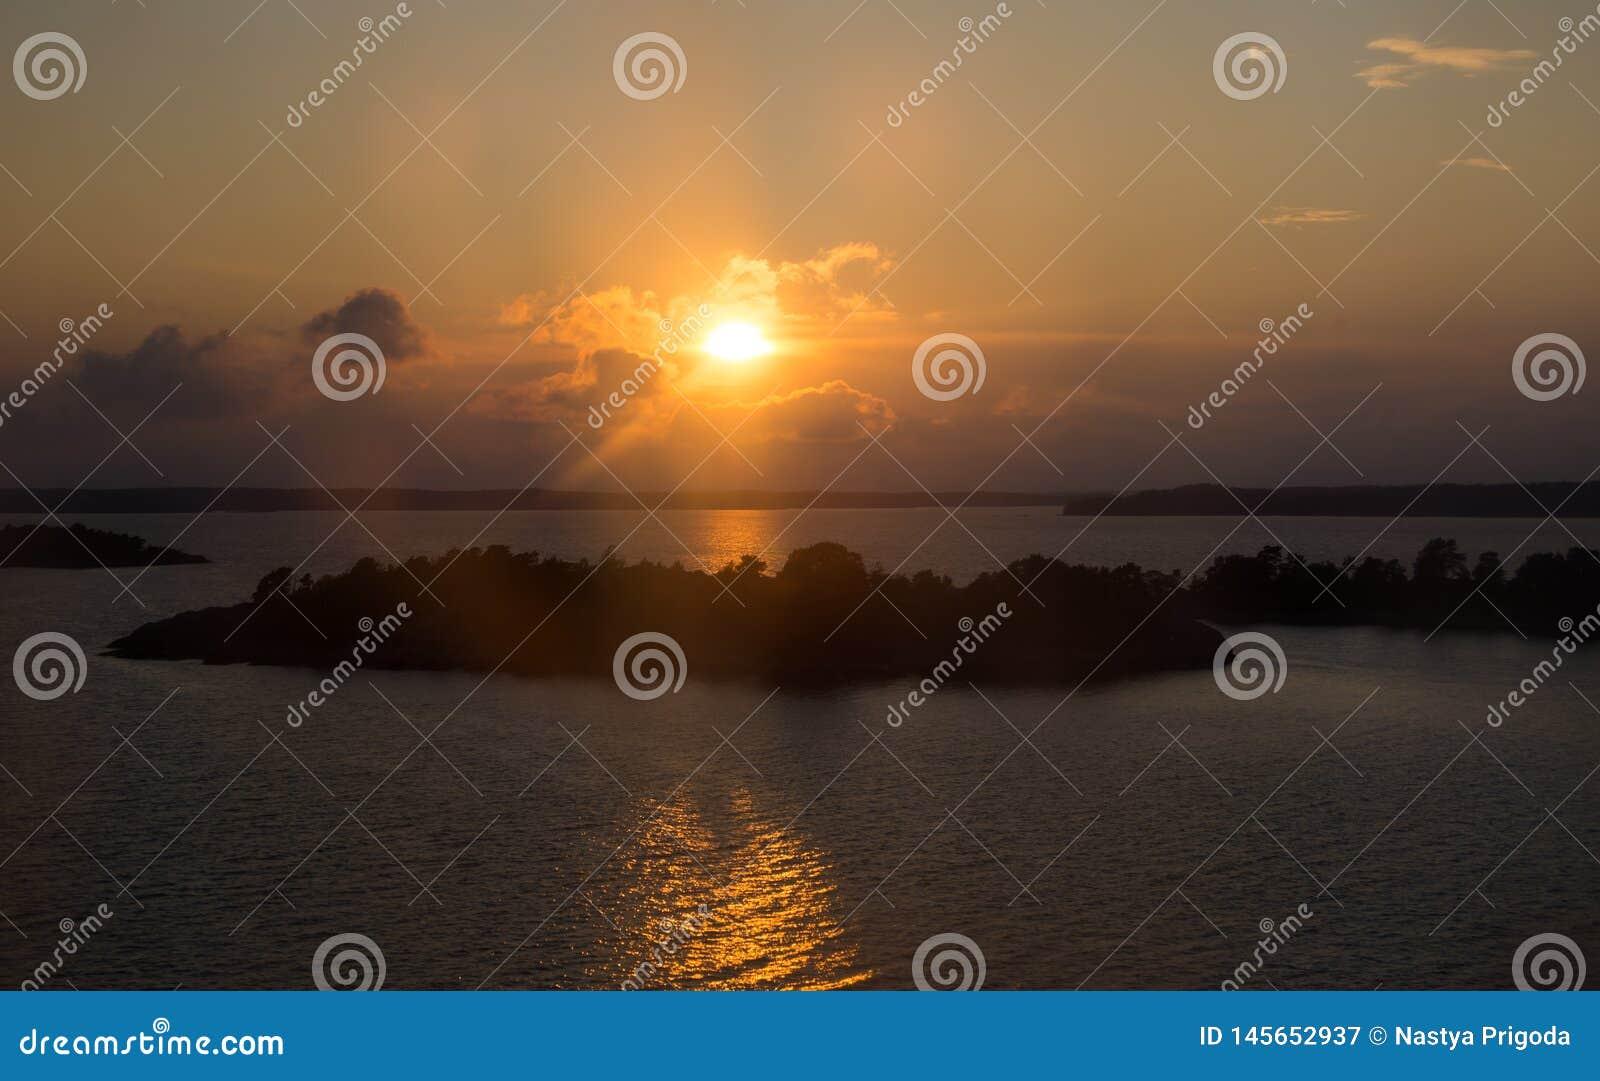 Море архипелага Финляндия приключение в Скандинавии